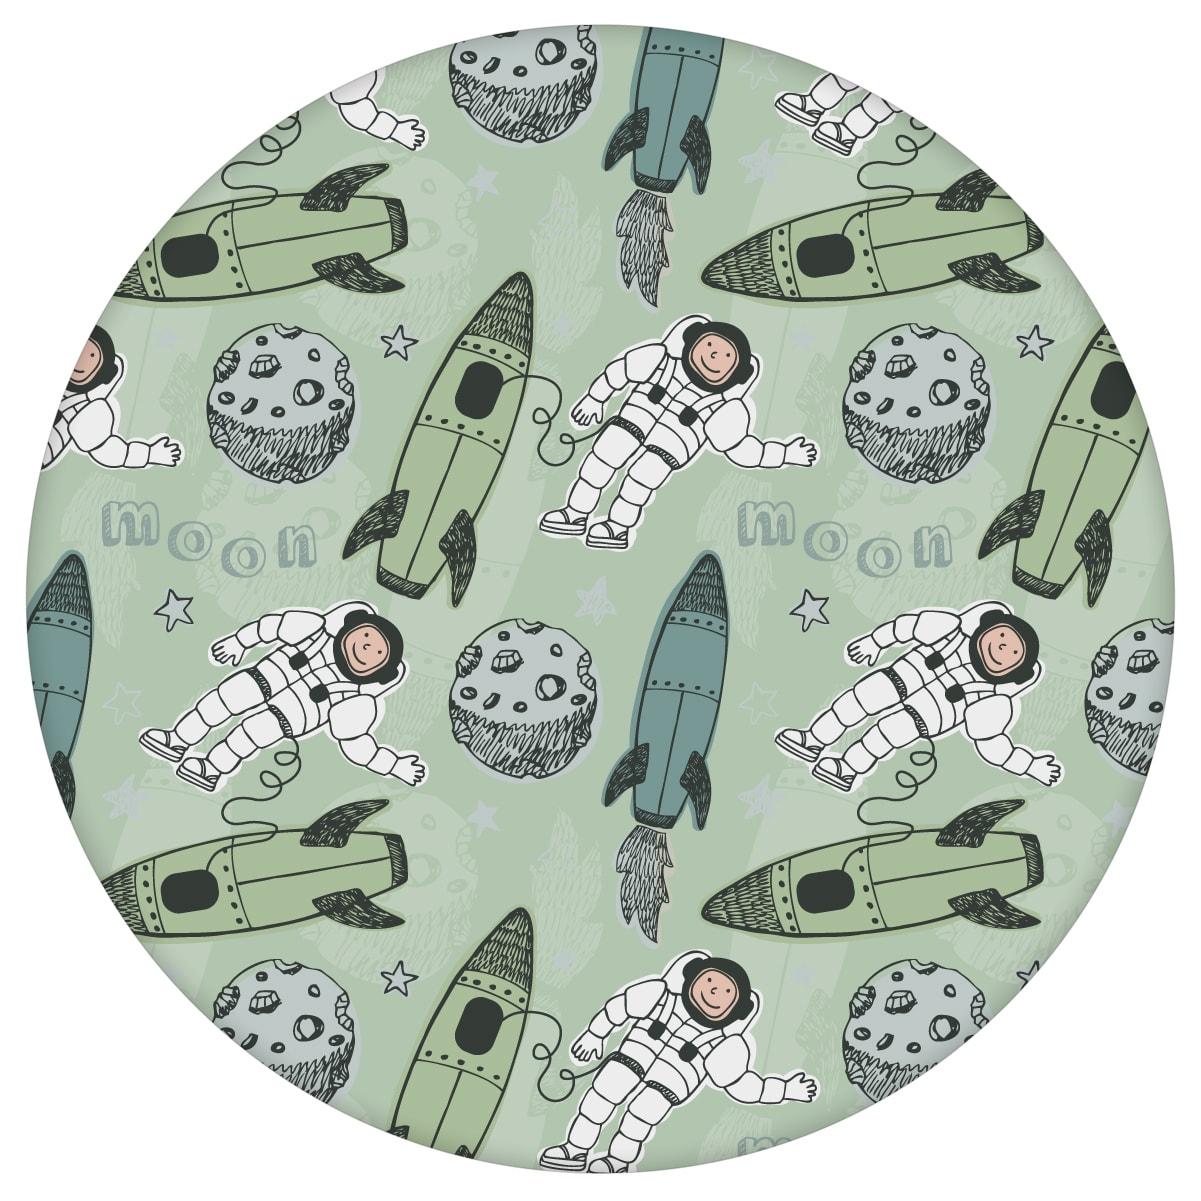 """Grüne Weltraum Kinderzimmer Tapete """"Rocket Moon"""", Vlies Kindertapete für Spielzimmer"""